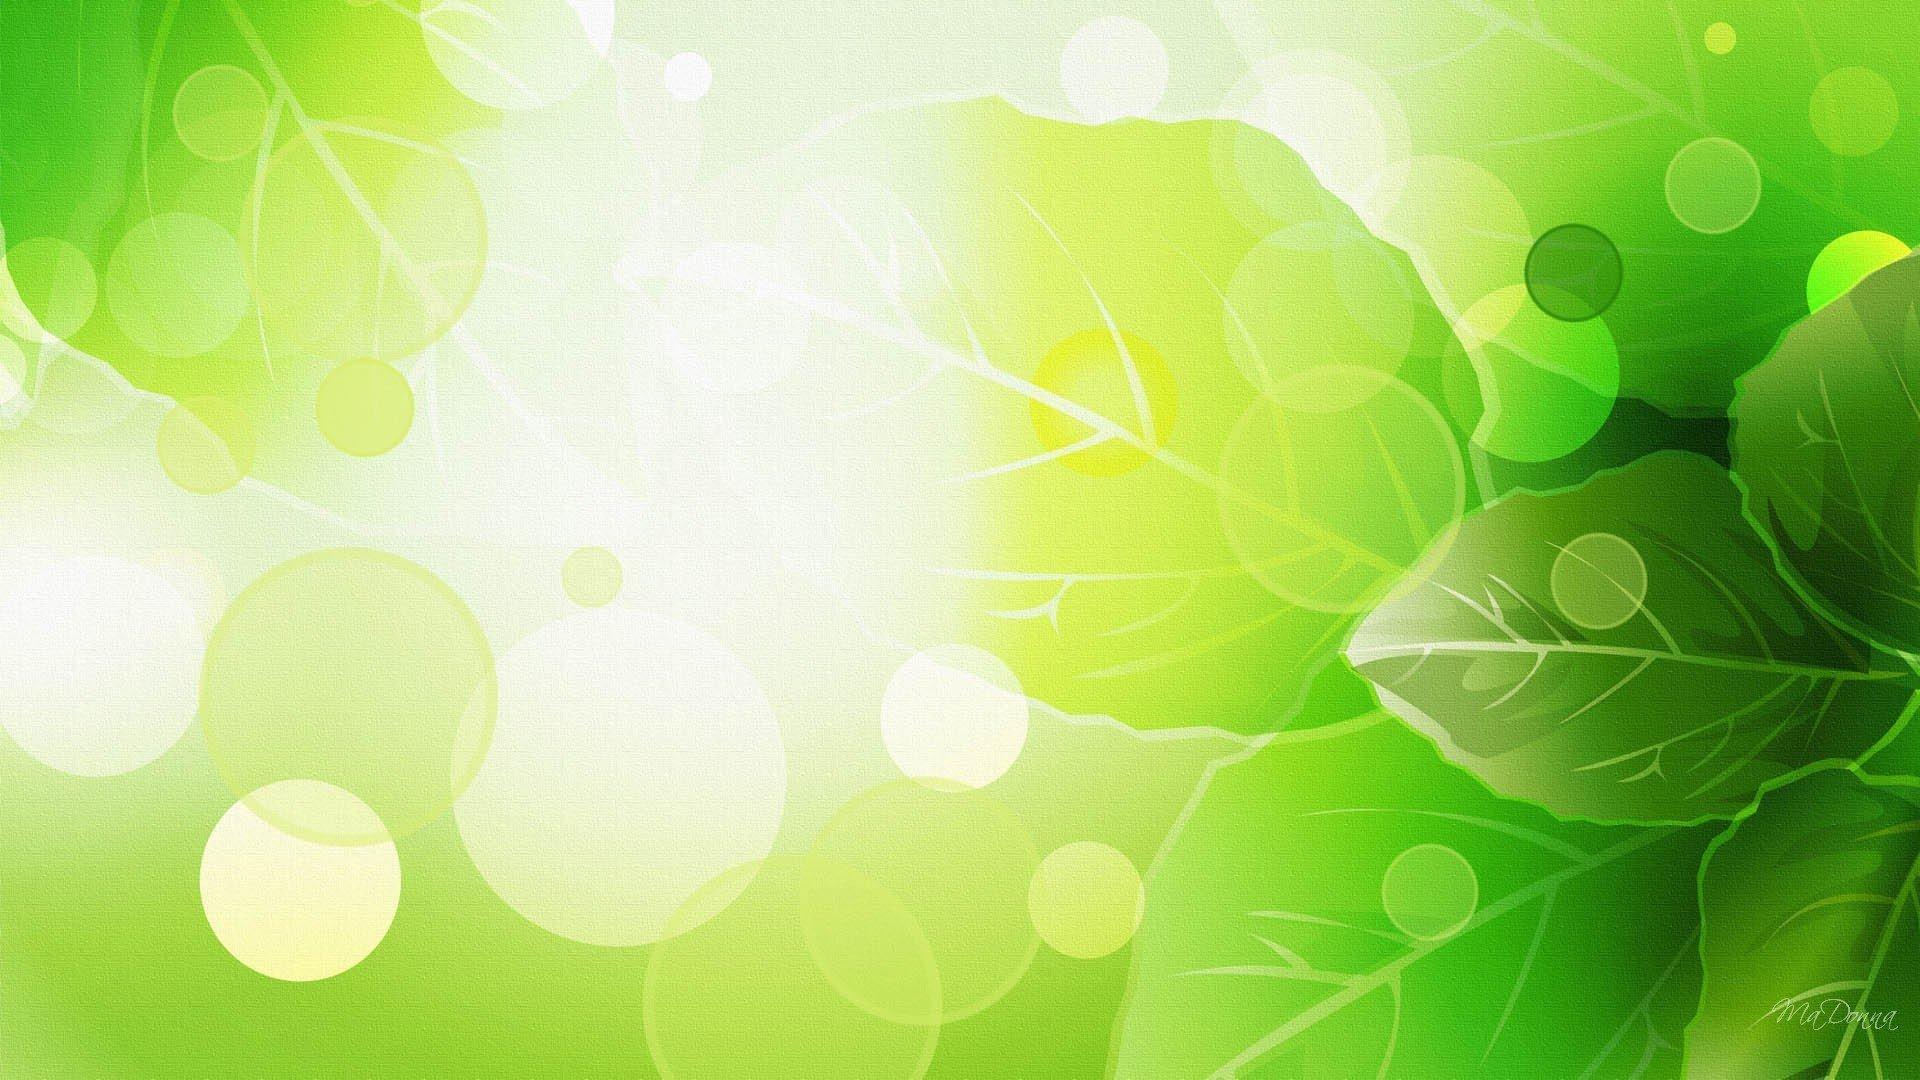 Летием, открытка с зеленым фоном